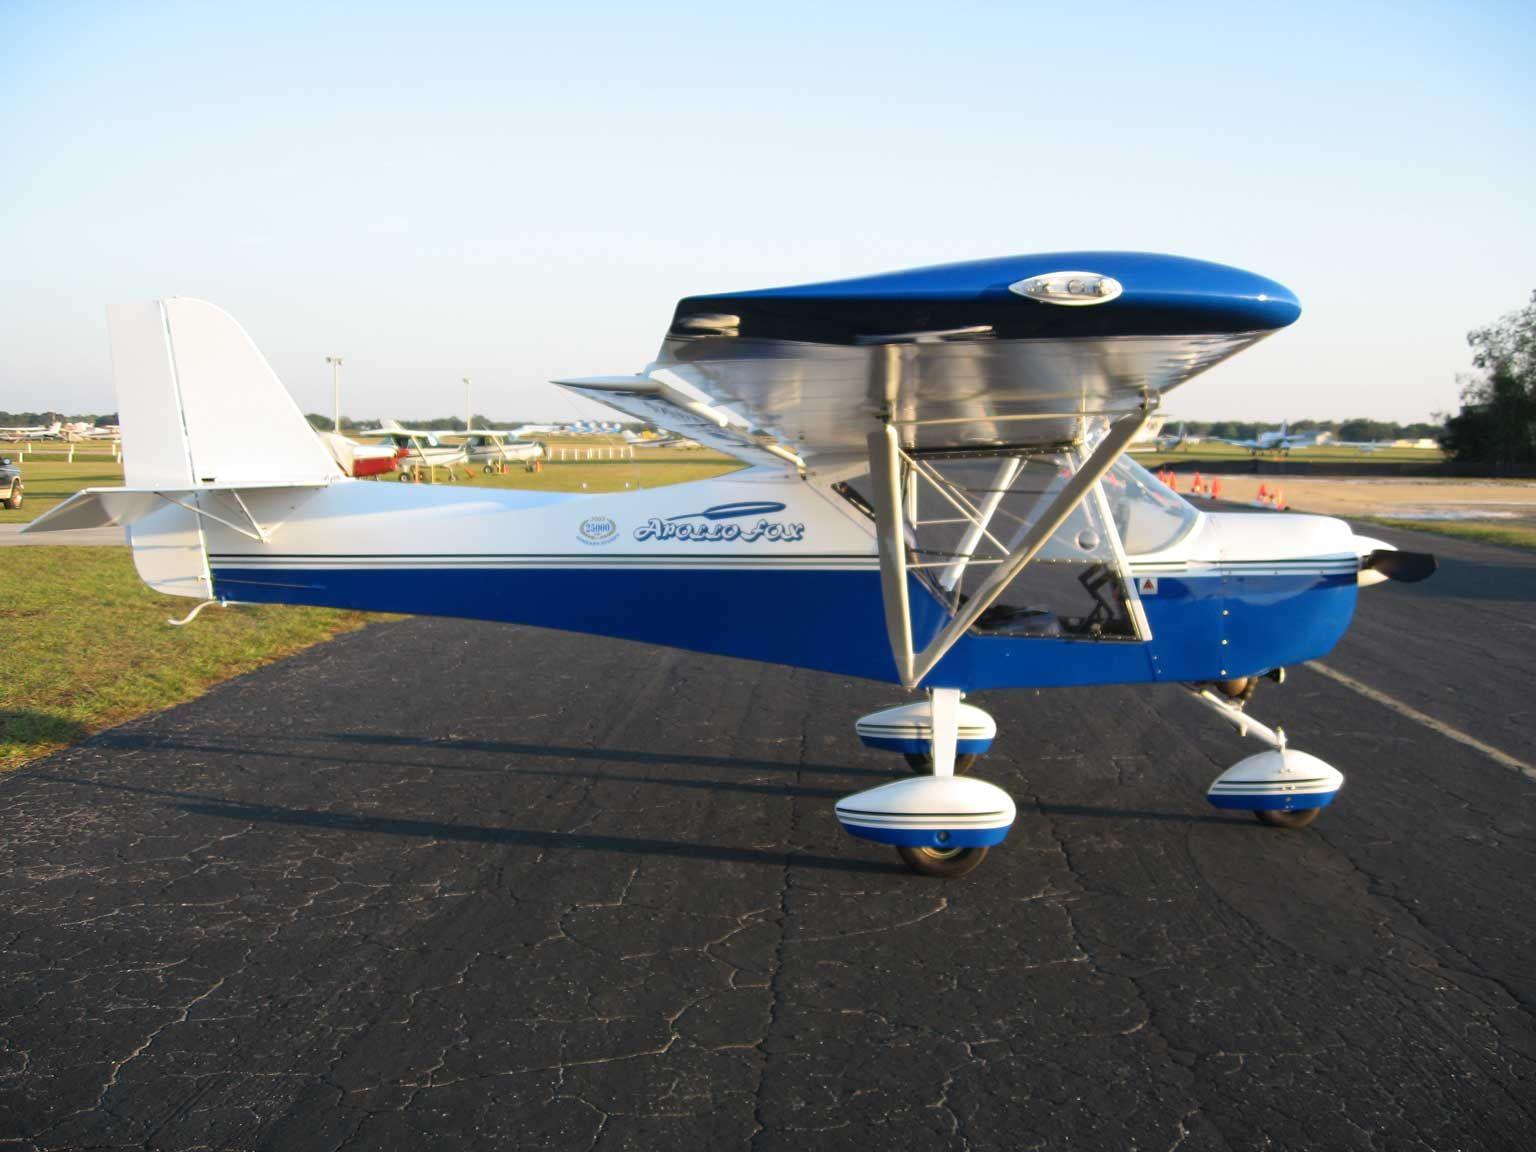 Light Sport Aircraft for Sale | Silverlight Aviation | Light Sport